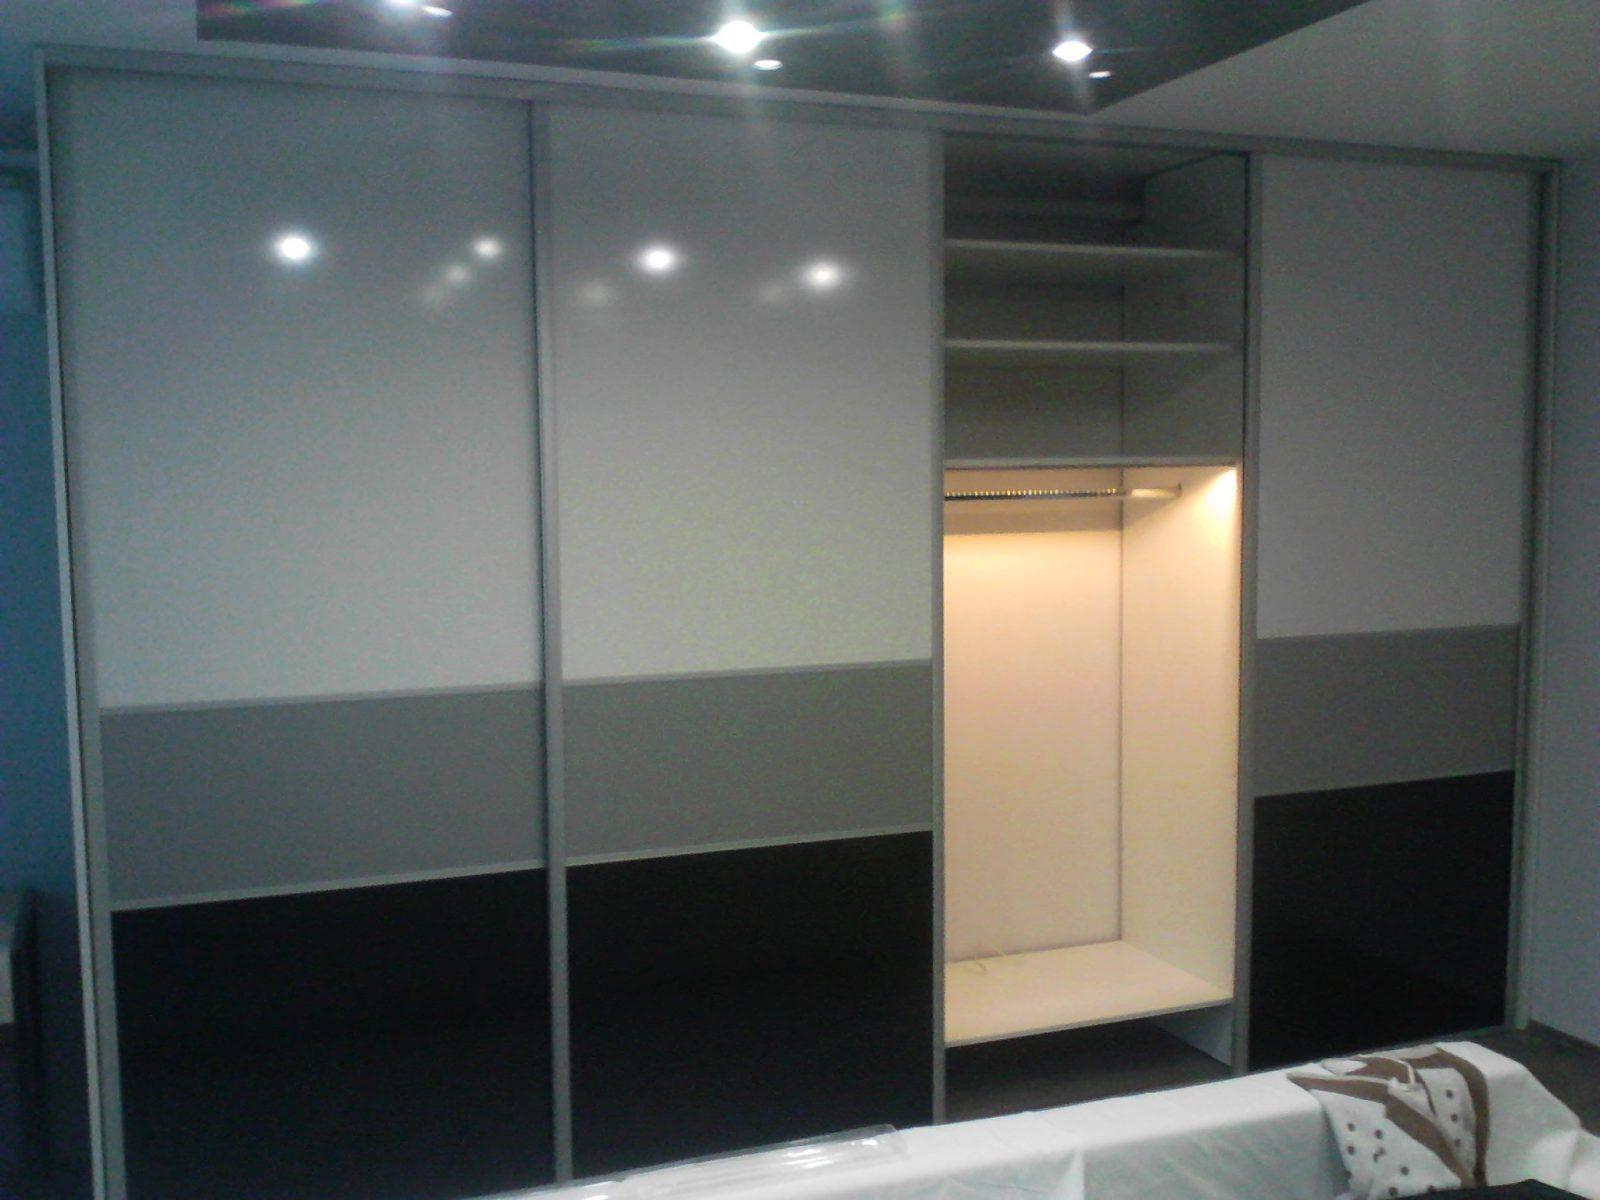 Belső világítással felszerelt tolóajtós beépített szekrény